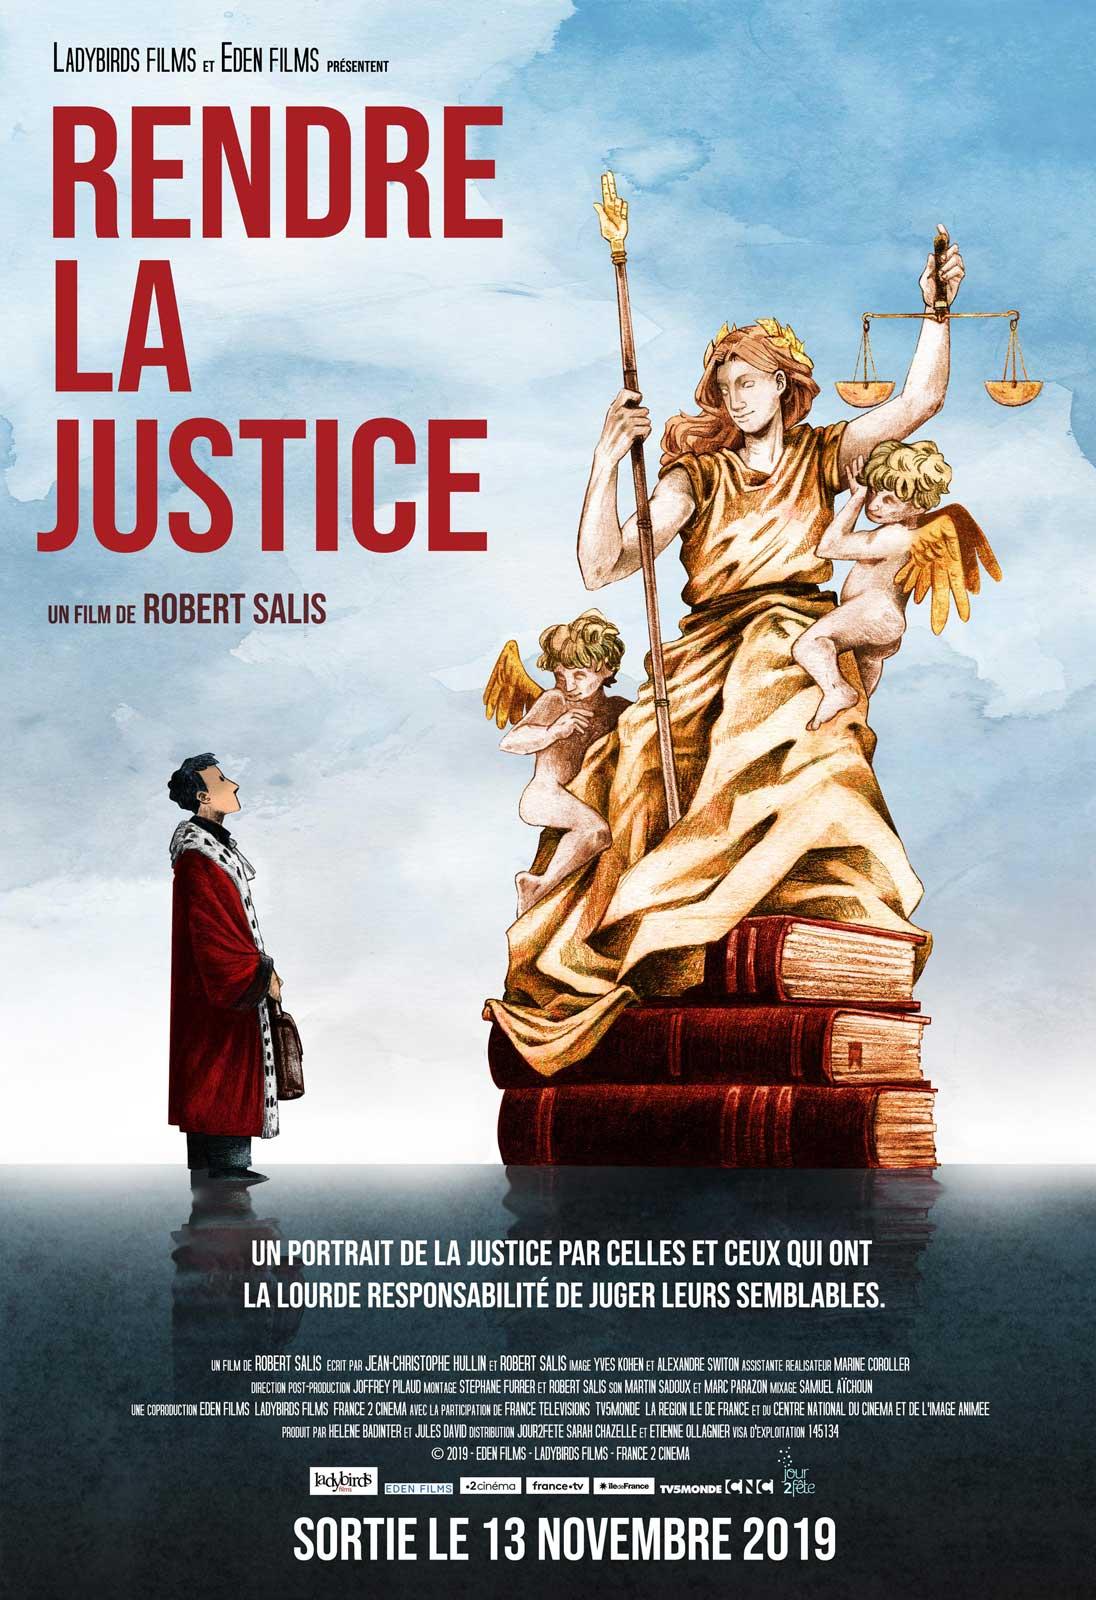 rencontre droit justice et cinéma 2021 site de rencontre comment aborder